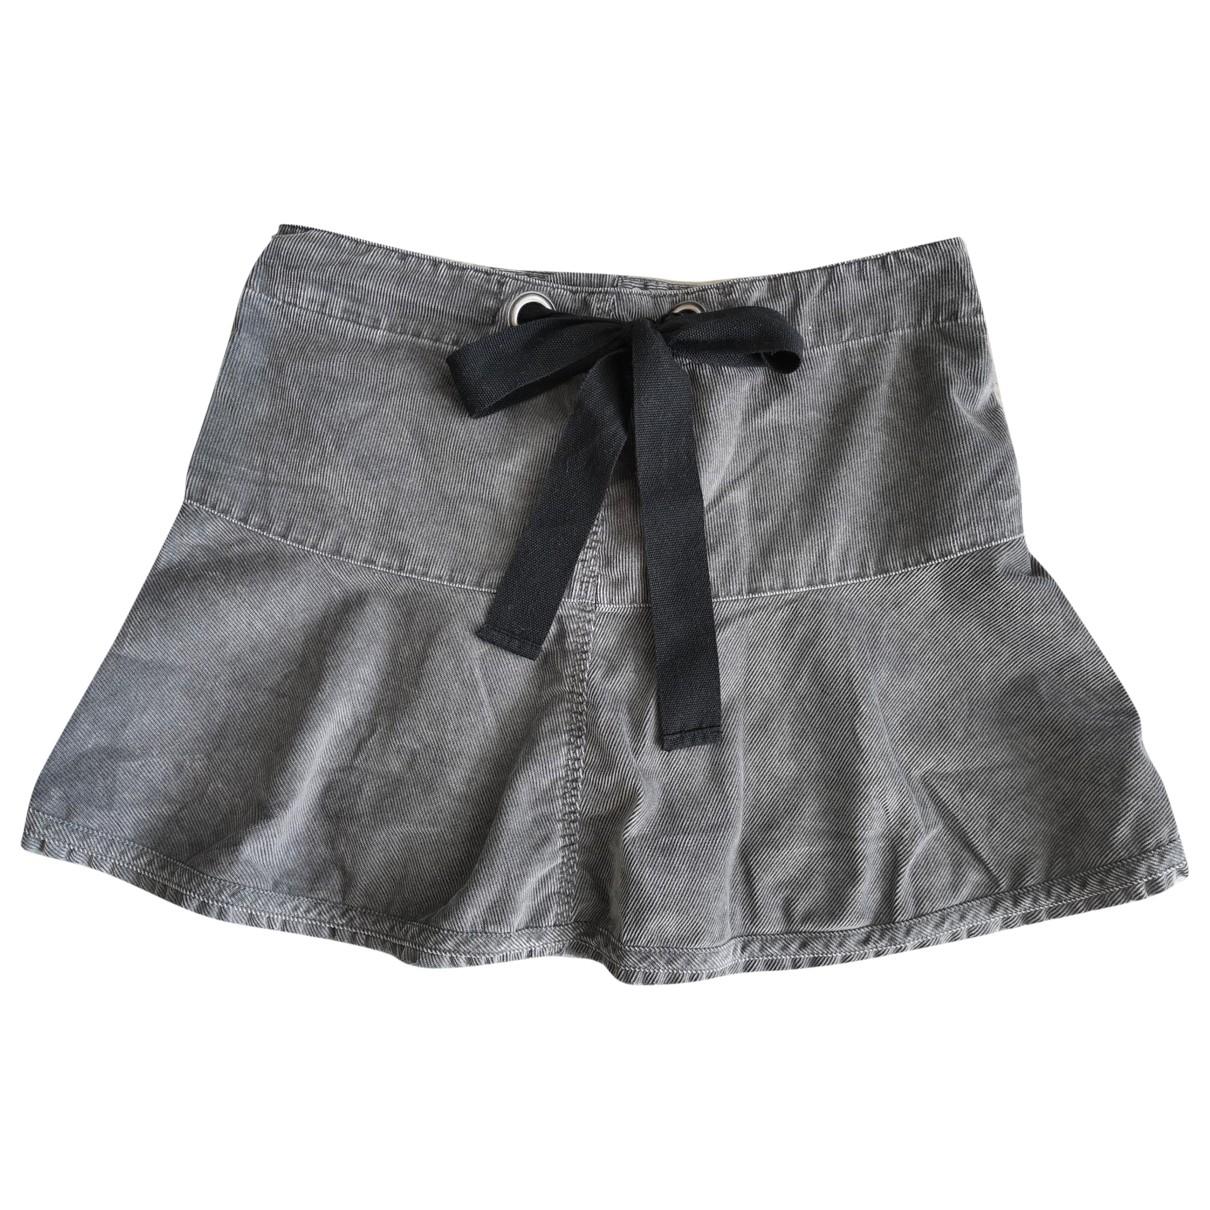 Diesel - Jupe   pour femme en coton - gris